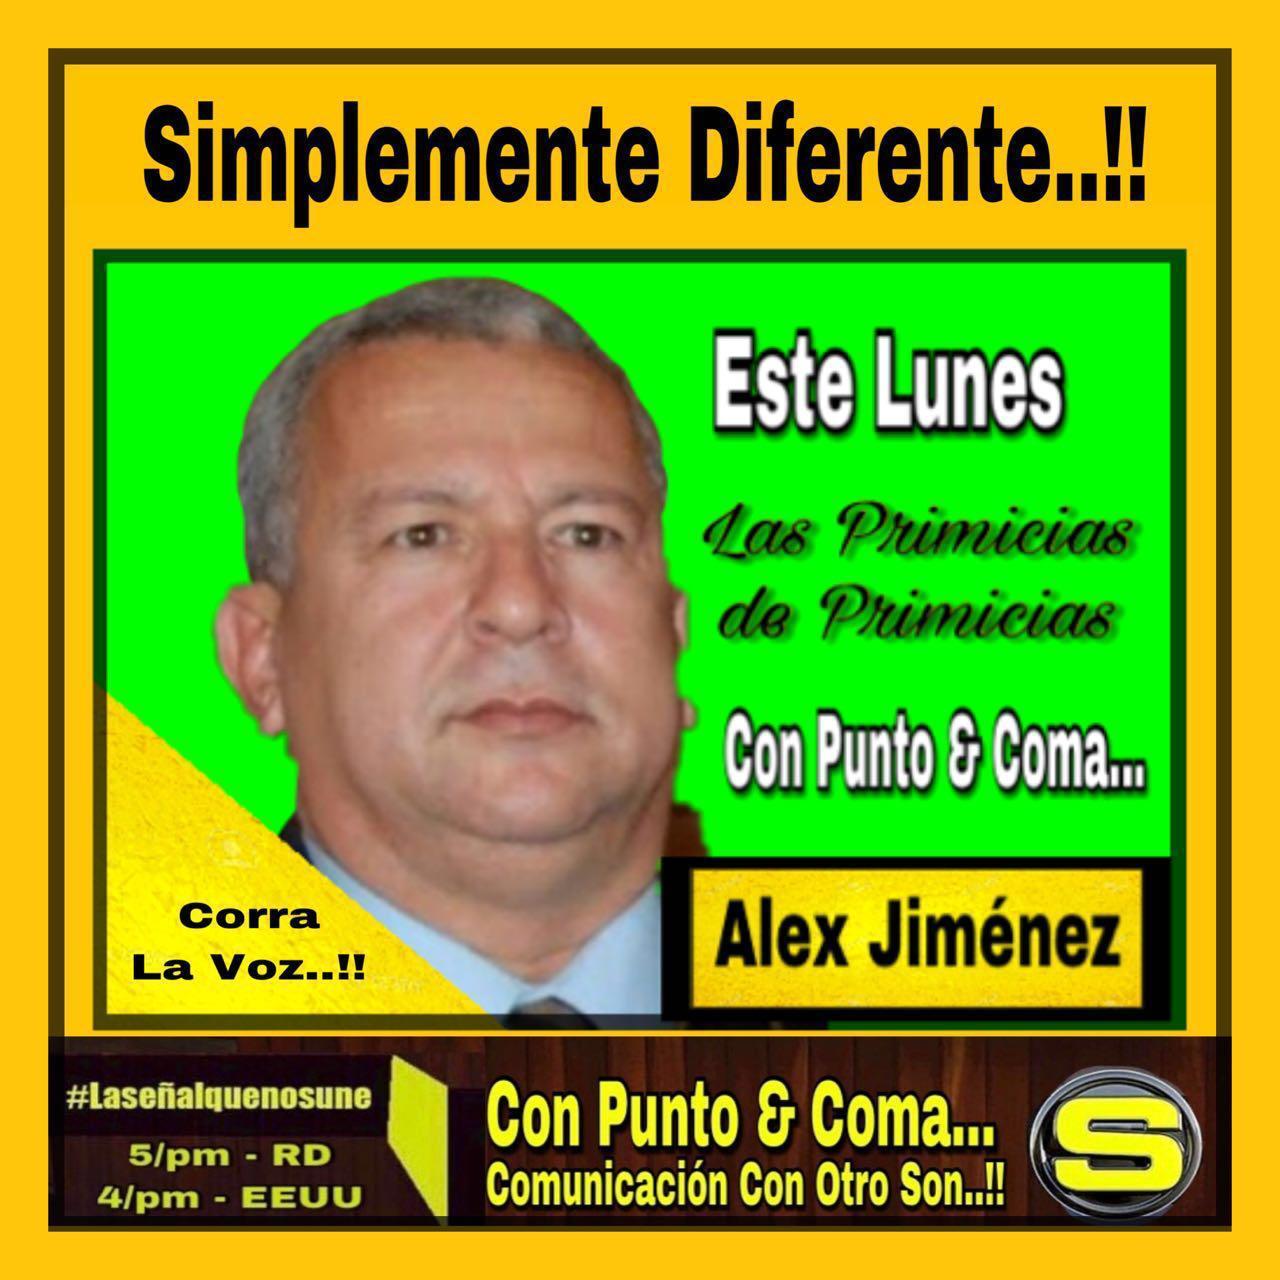 Alex Jiménez Simplemente Diferente